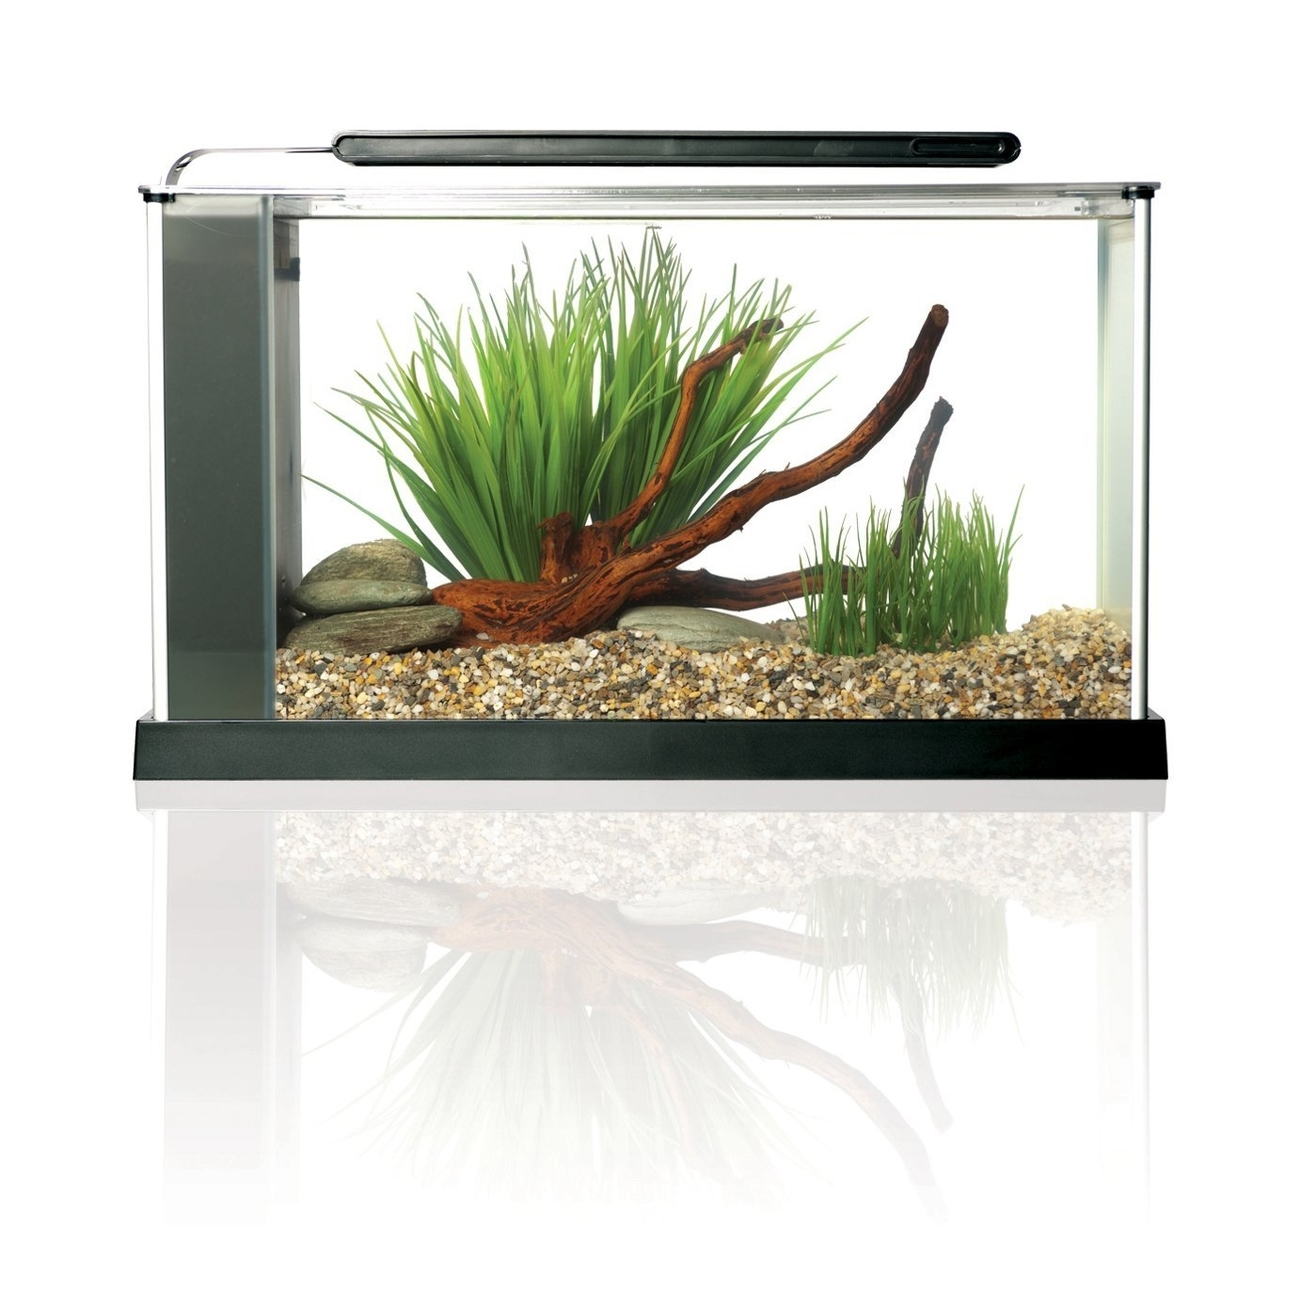 Fluval SPEC Süßwasser Aquarium Set, Bild 10